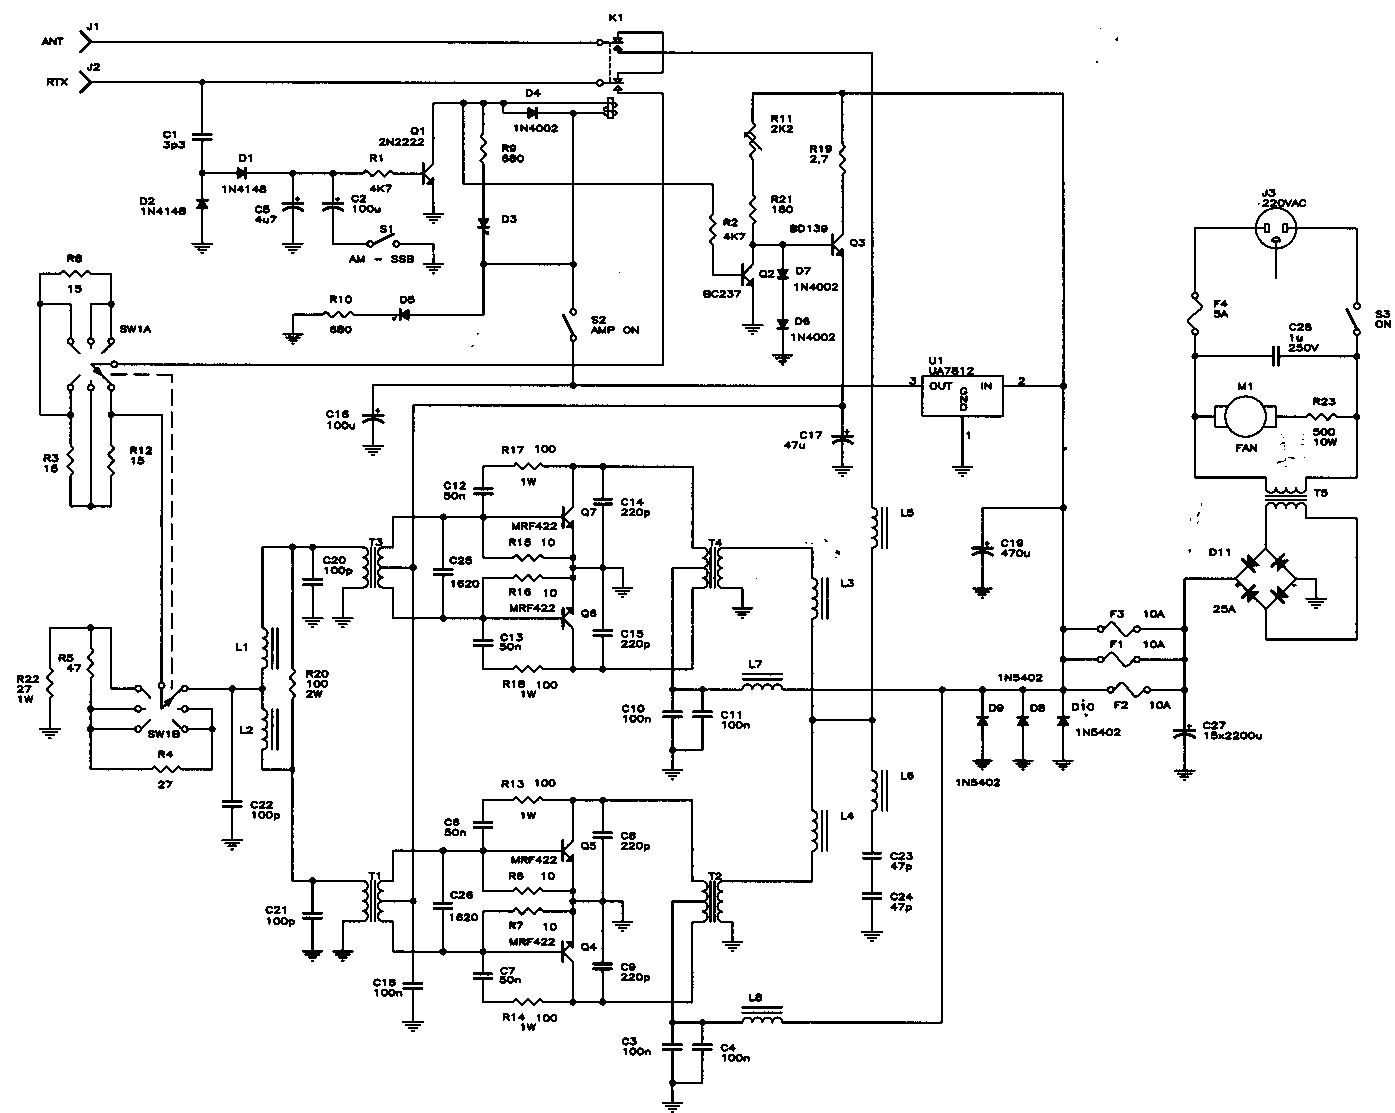 Buku Persamaan Ic Dan Transistor Amplifier Schematic